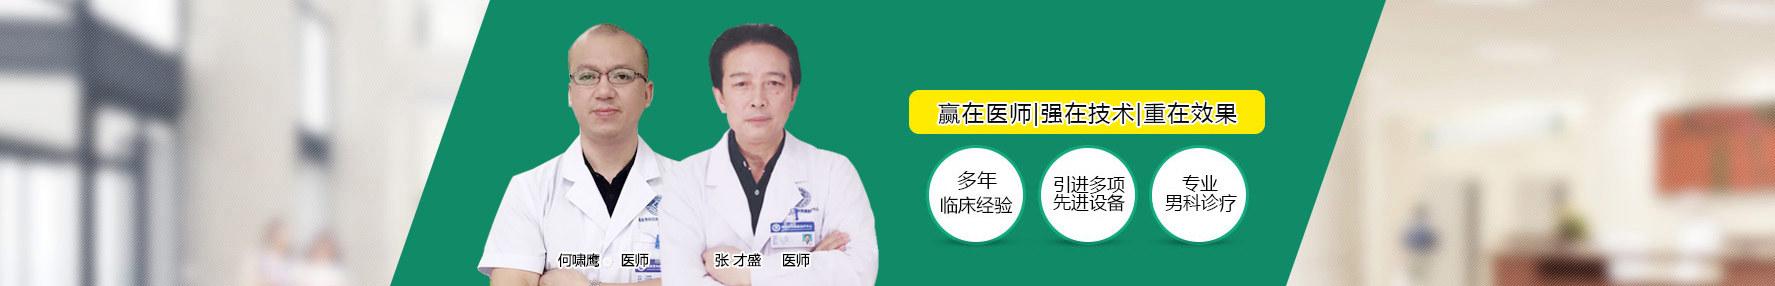 海口男科医院